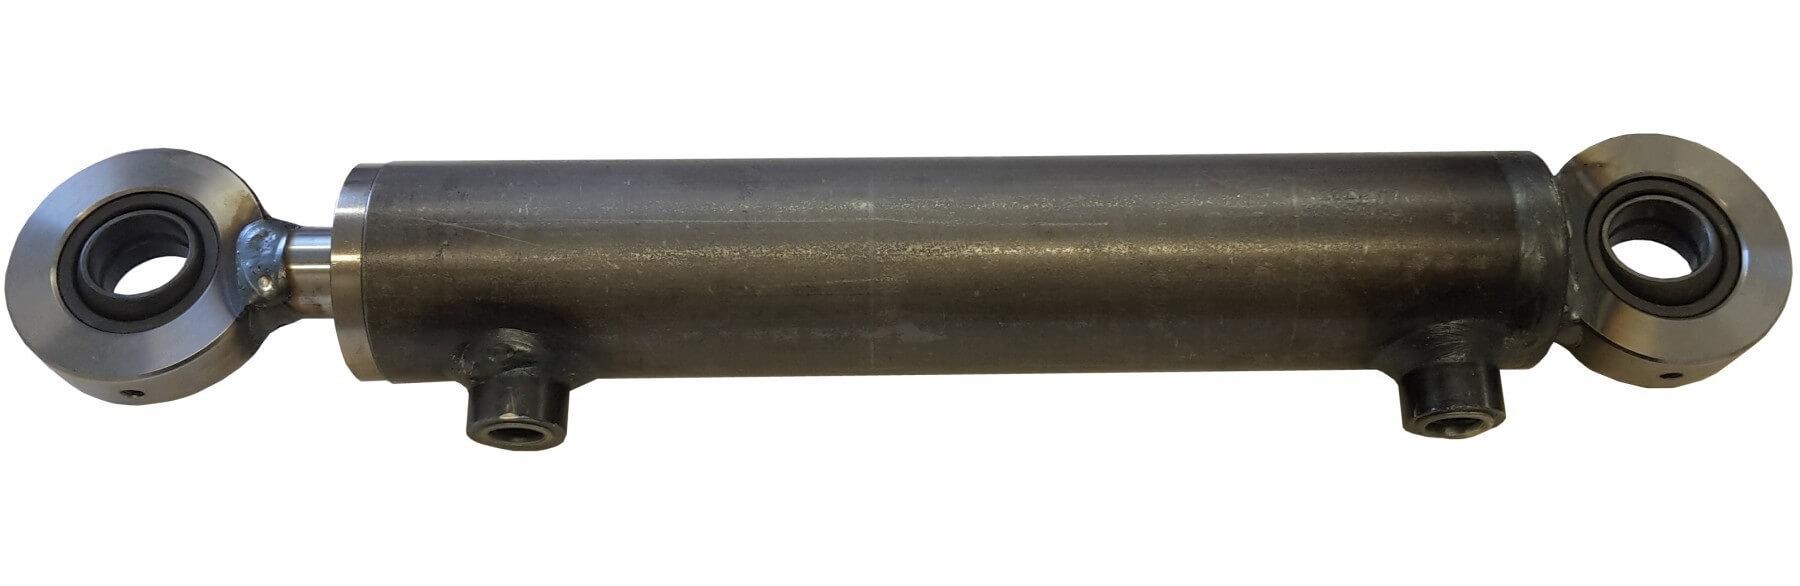 Hydraulisylinteri CL 70. 40. 1100 GE - Kailatec Oy Verkkokauppa